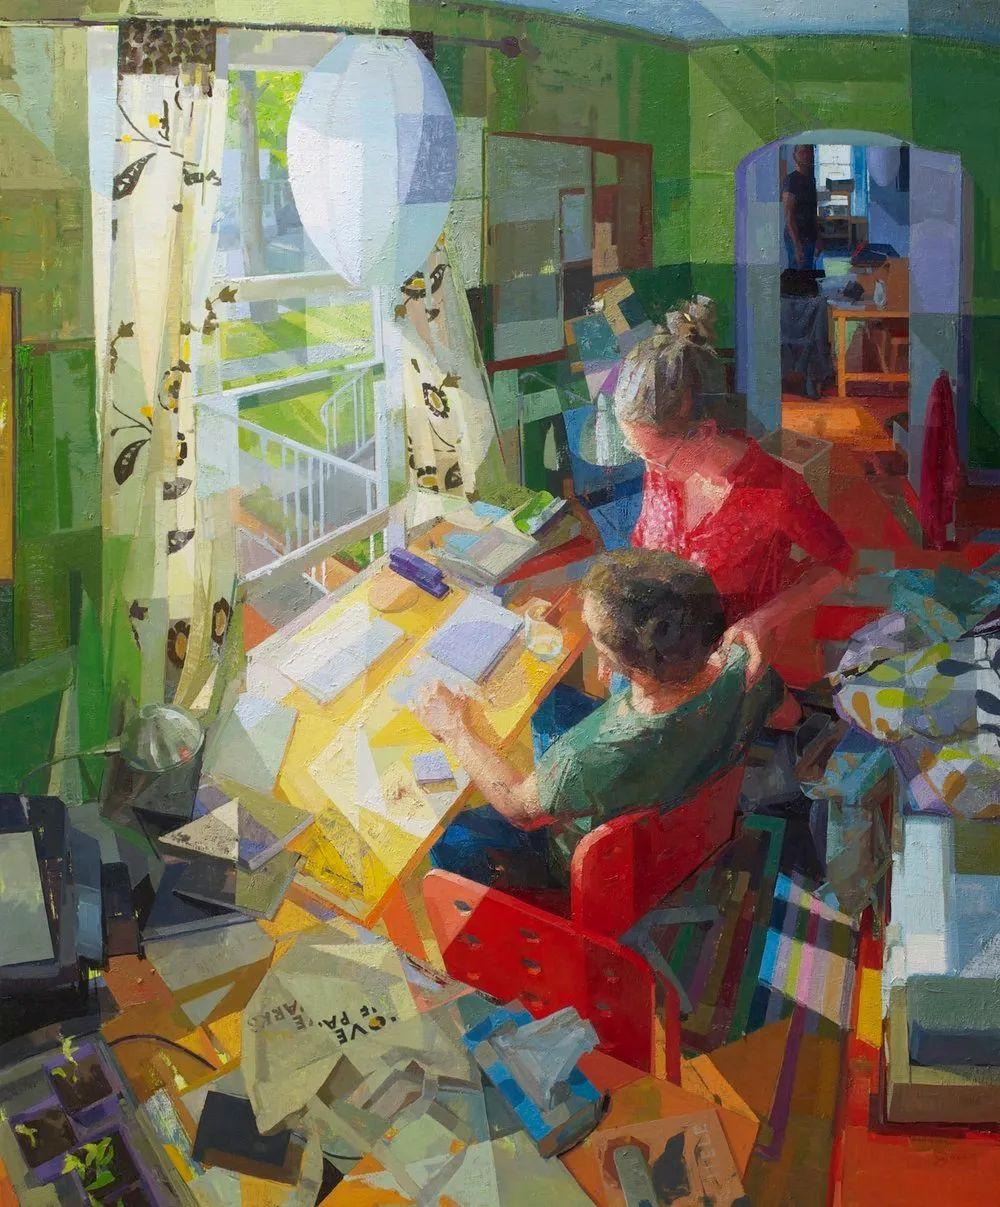 色彩新清的具象绘画,美国女画家佐伊·弗兰克插图10